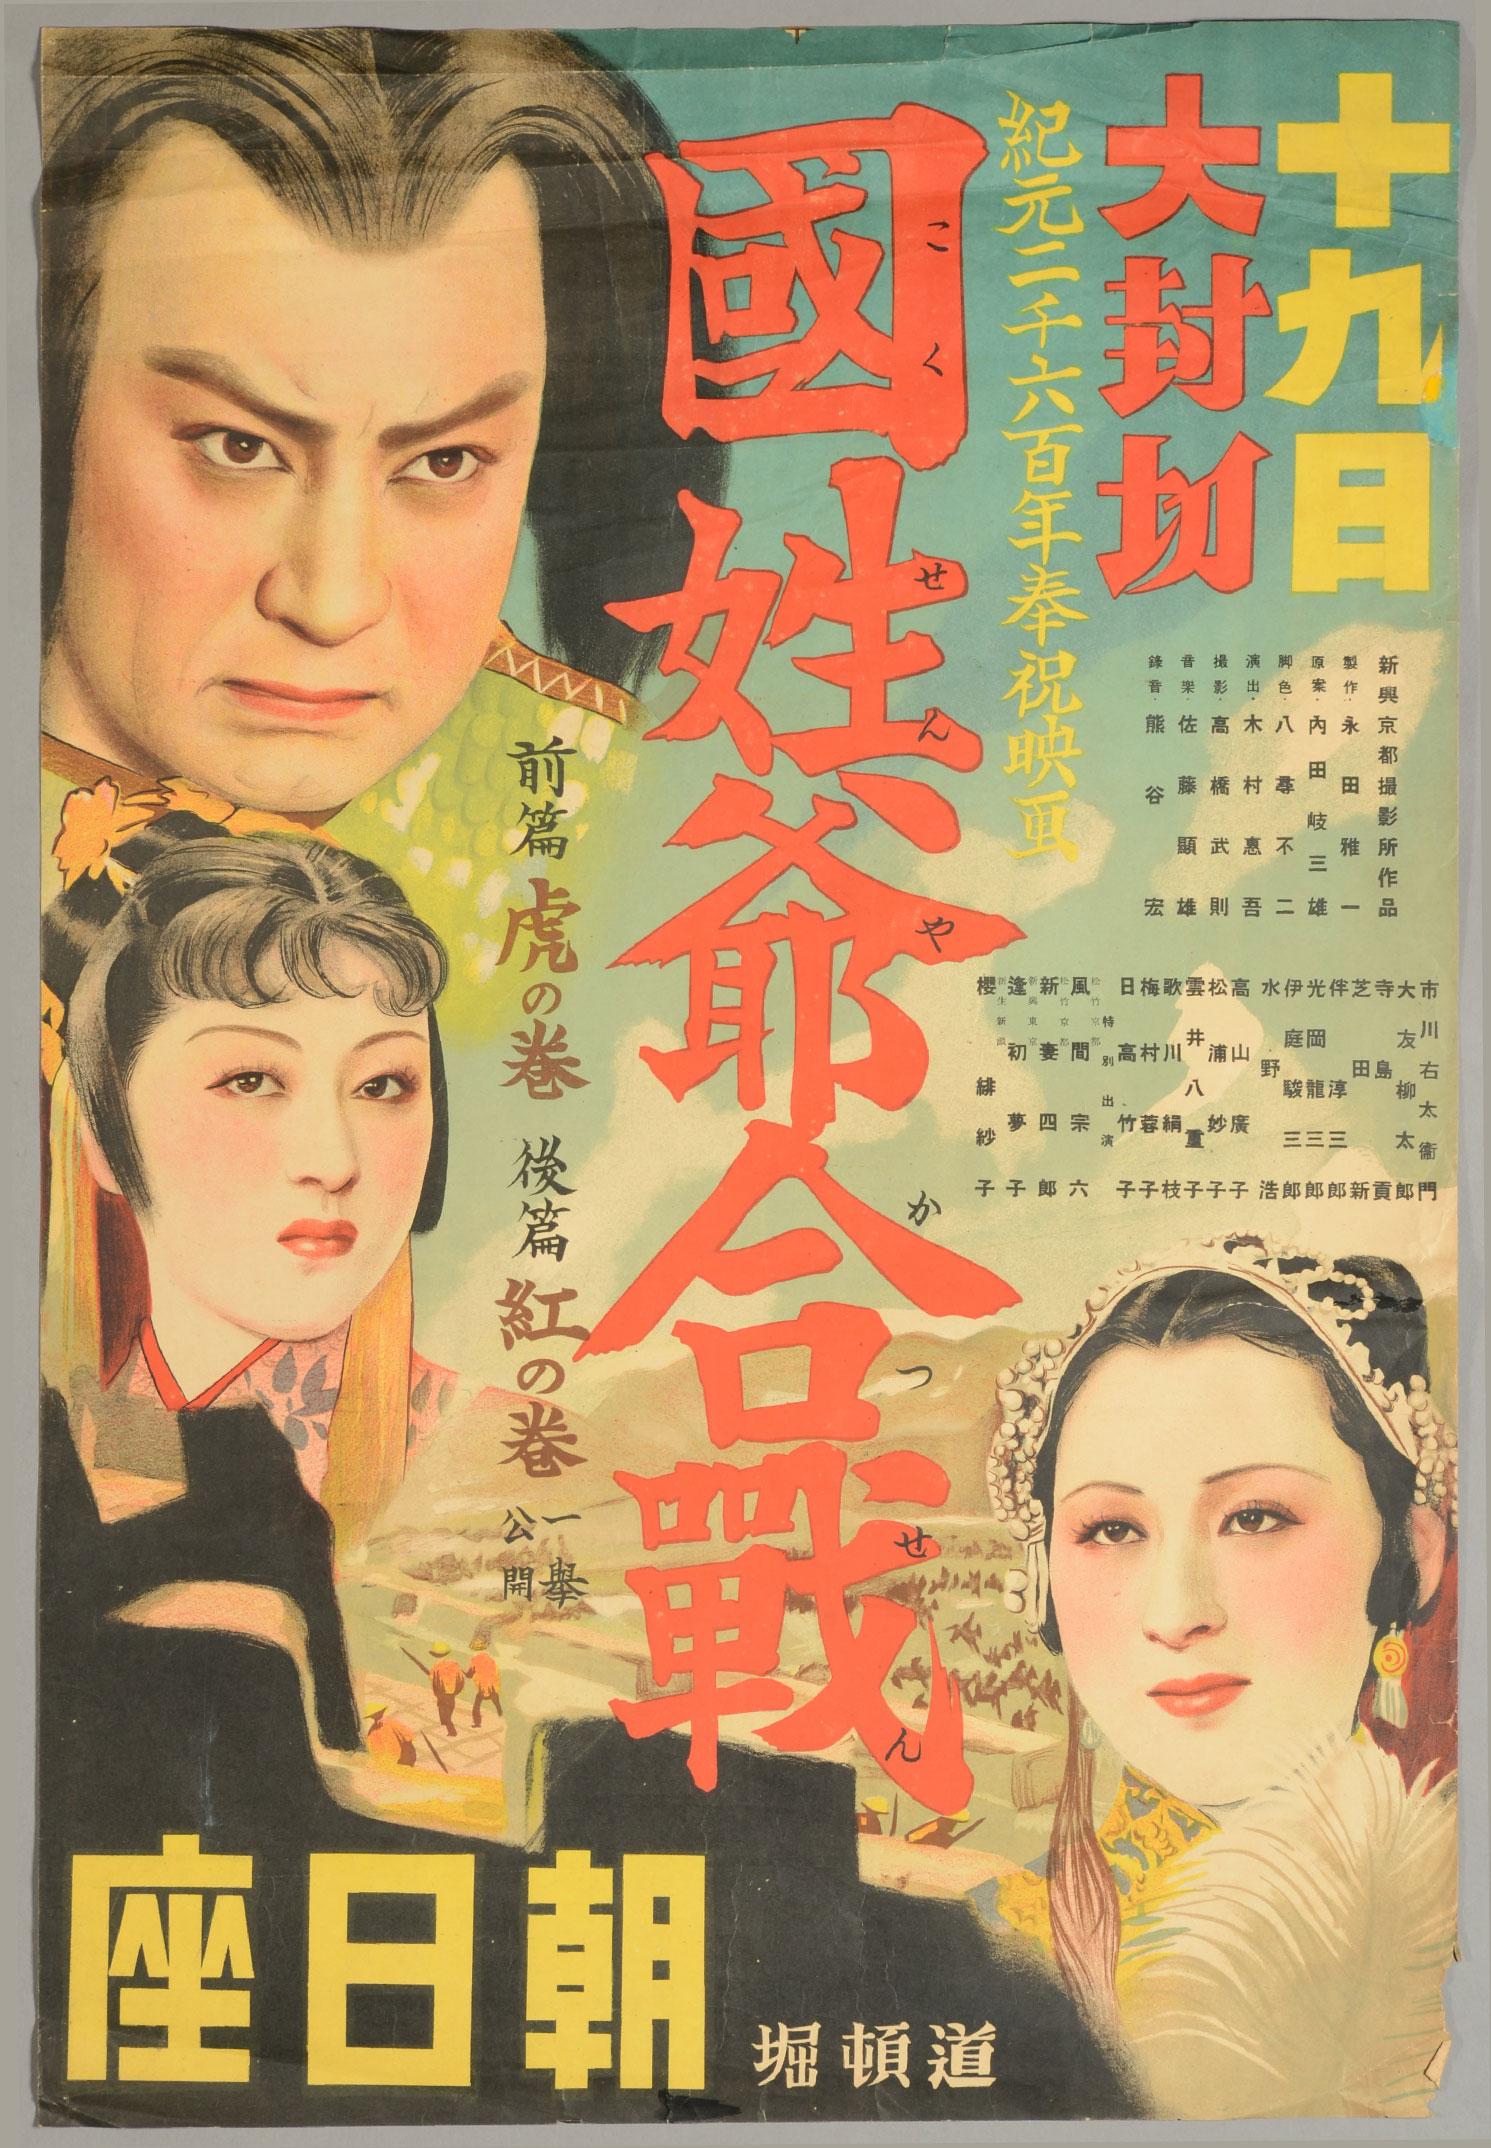 日本民間在 18 世紀便曾颳起「國姓爺熱」,江戶時代頗受歡迎的戲劇《國姓爺合戰》,後來衍生出歌舞劇、小說、繪本、電影。圖為 1940 年的電影海報,男主角鄭成功為日本武士的形象。圖片來源│臺灣歷史博物館